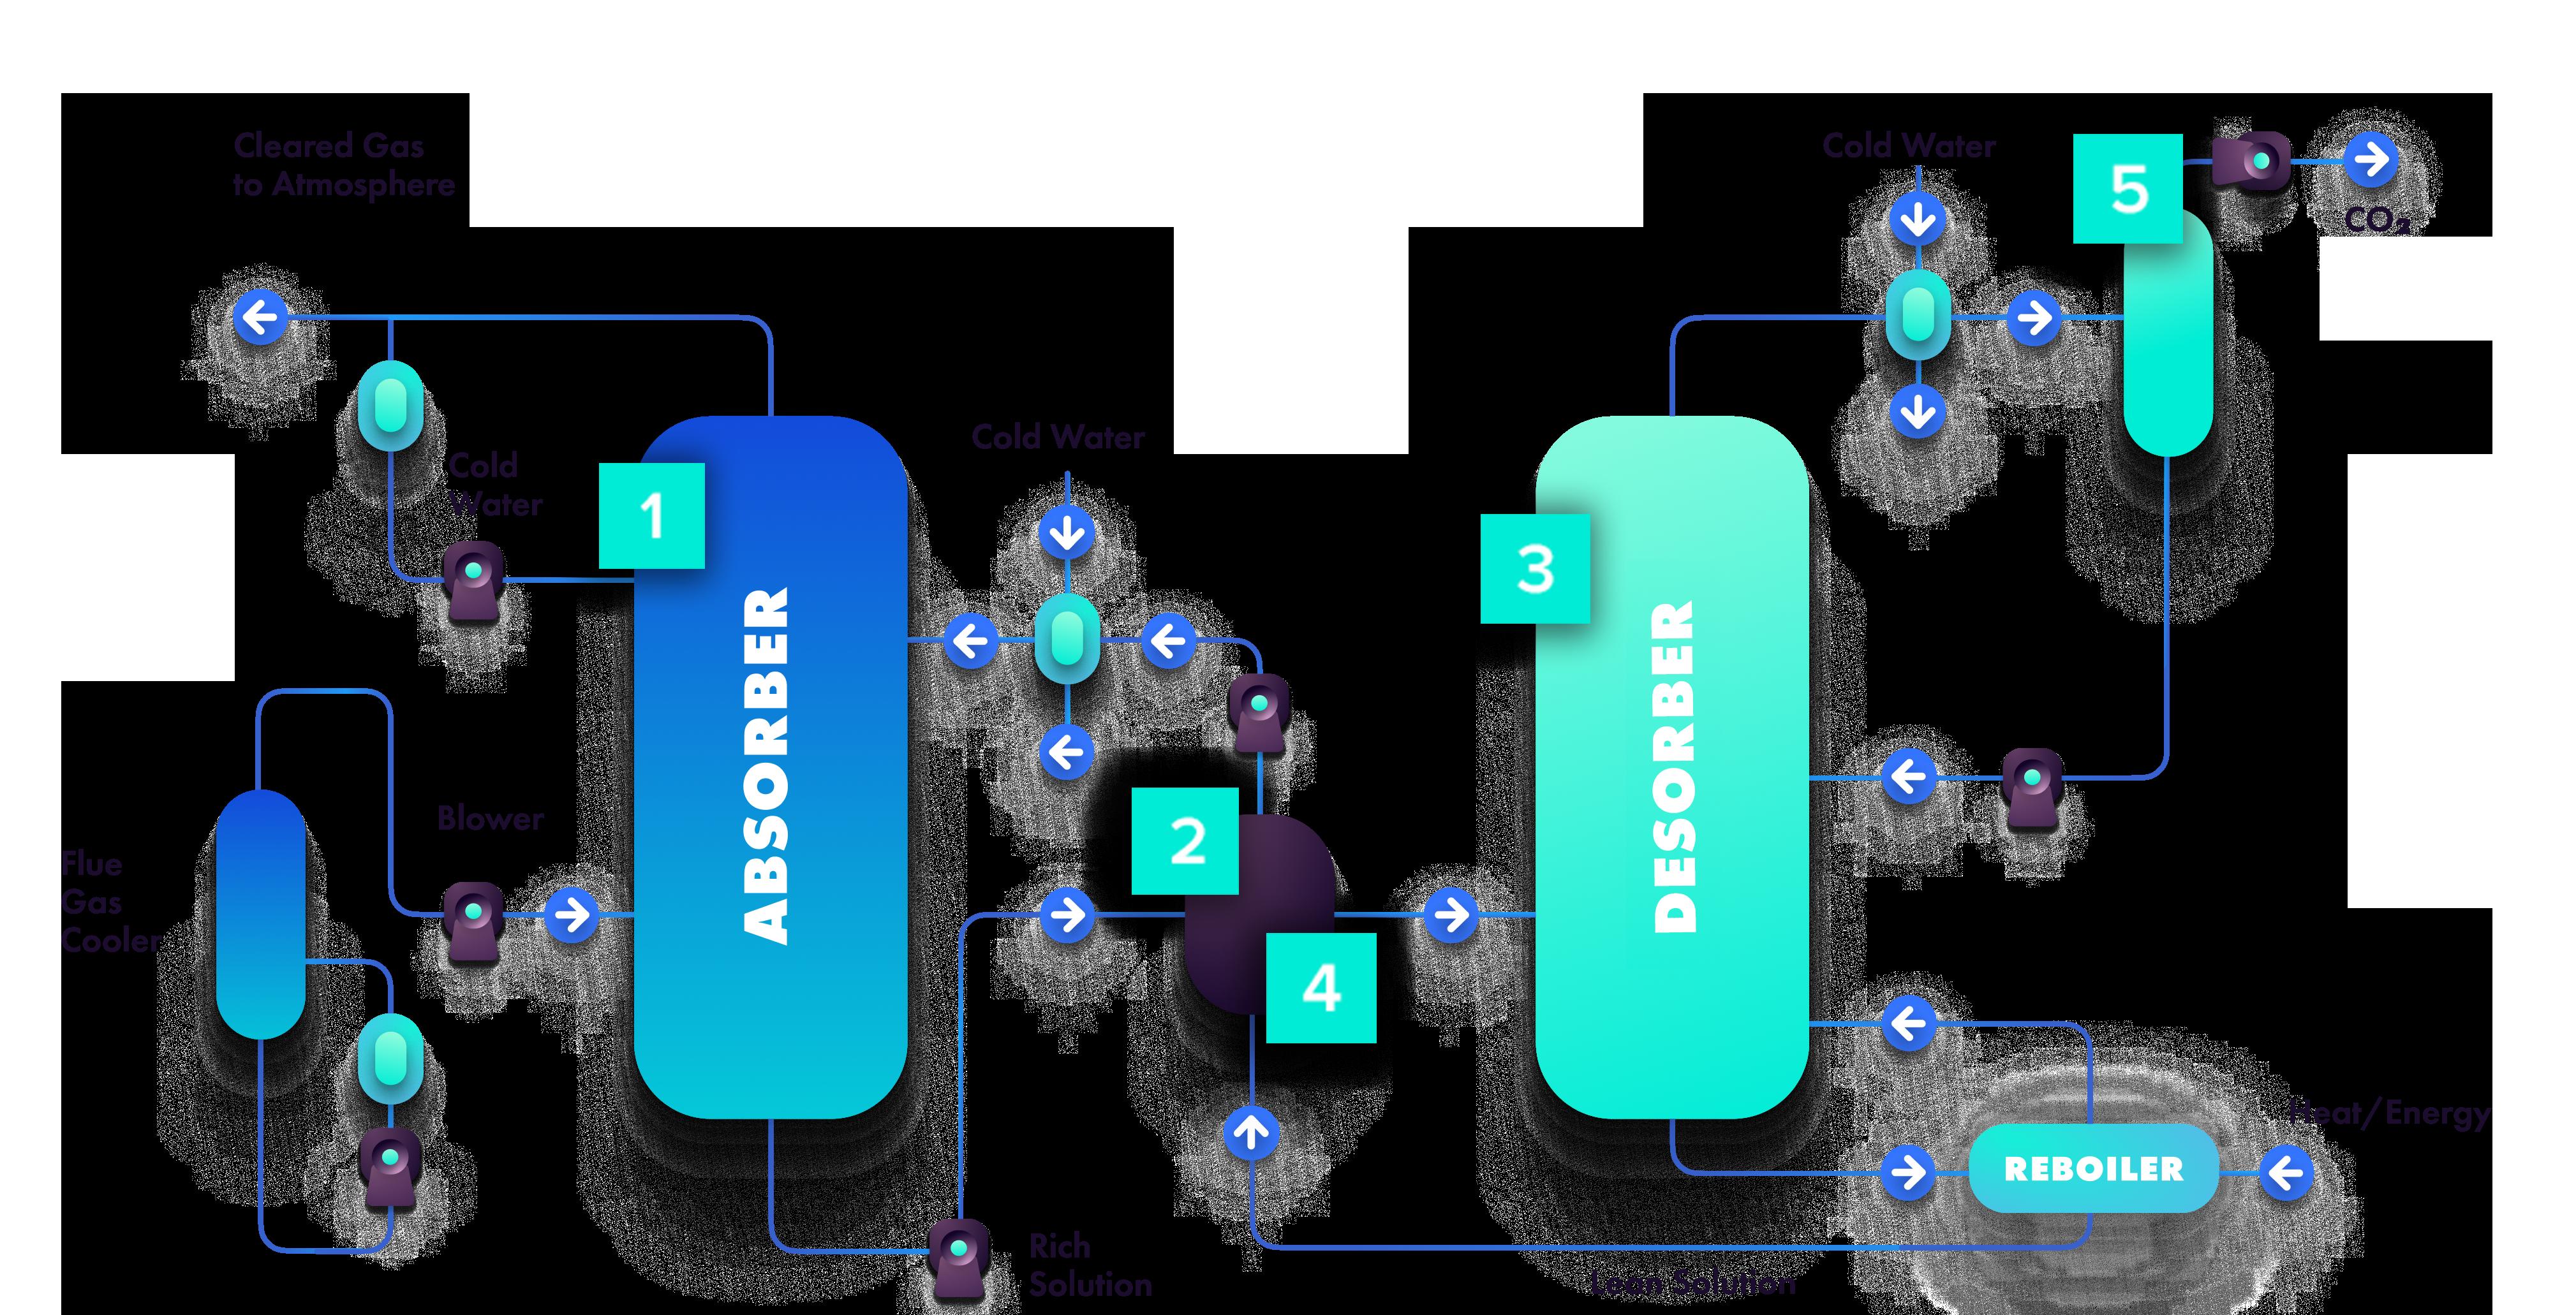 cdmax_diagram-5steps-rev2